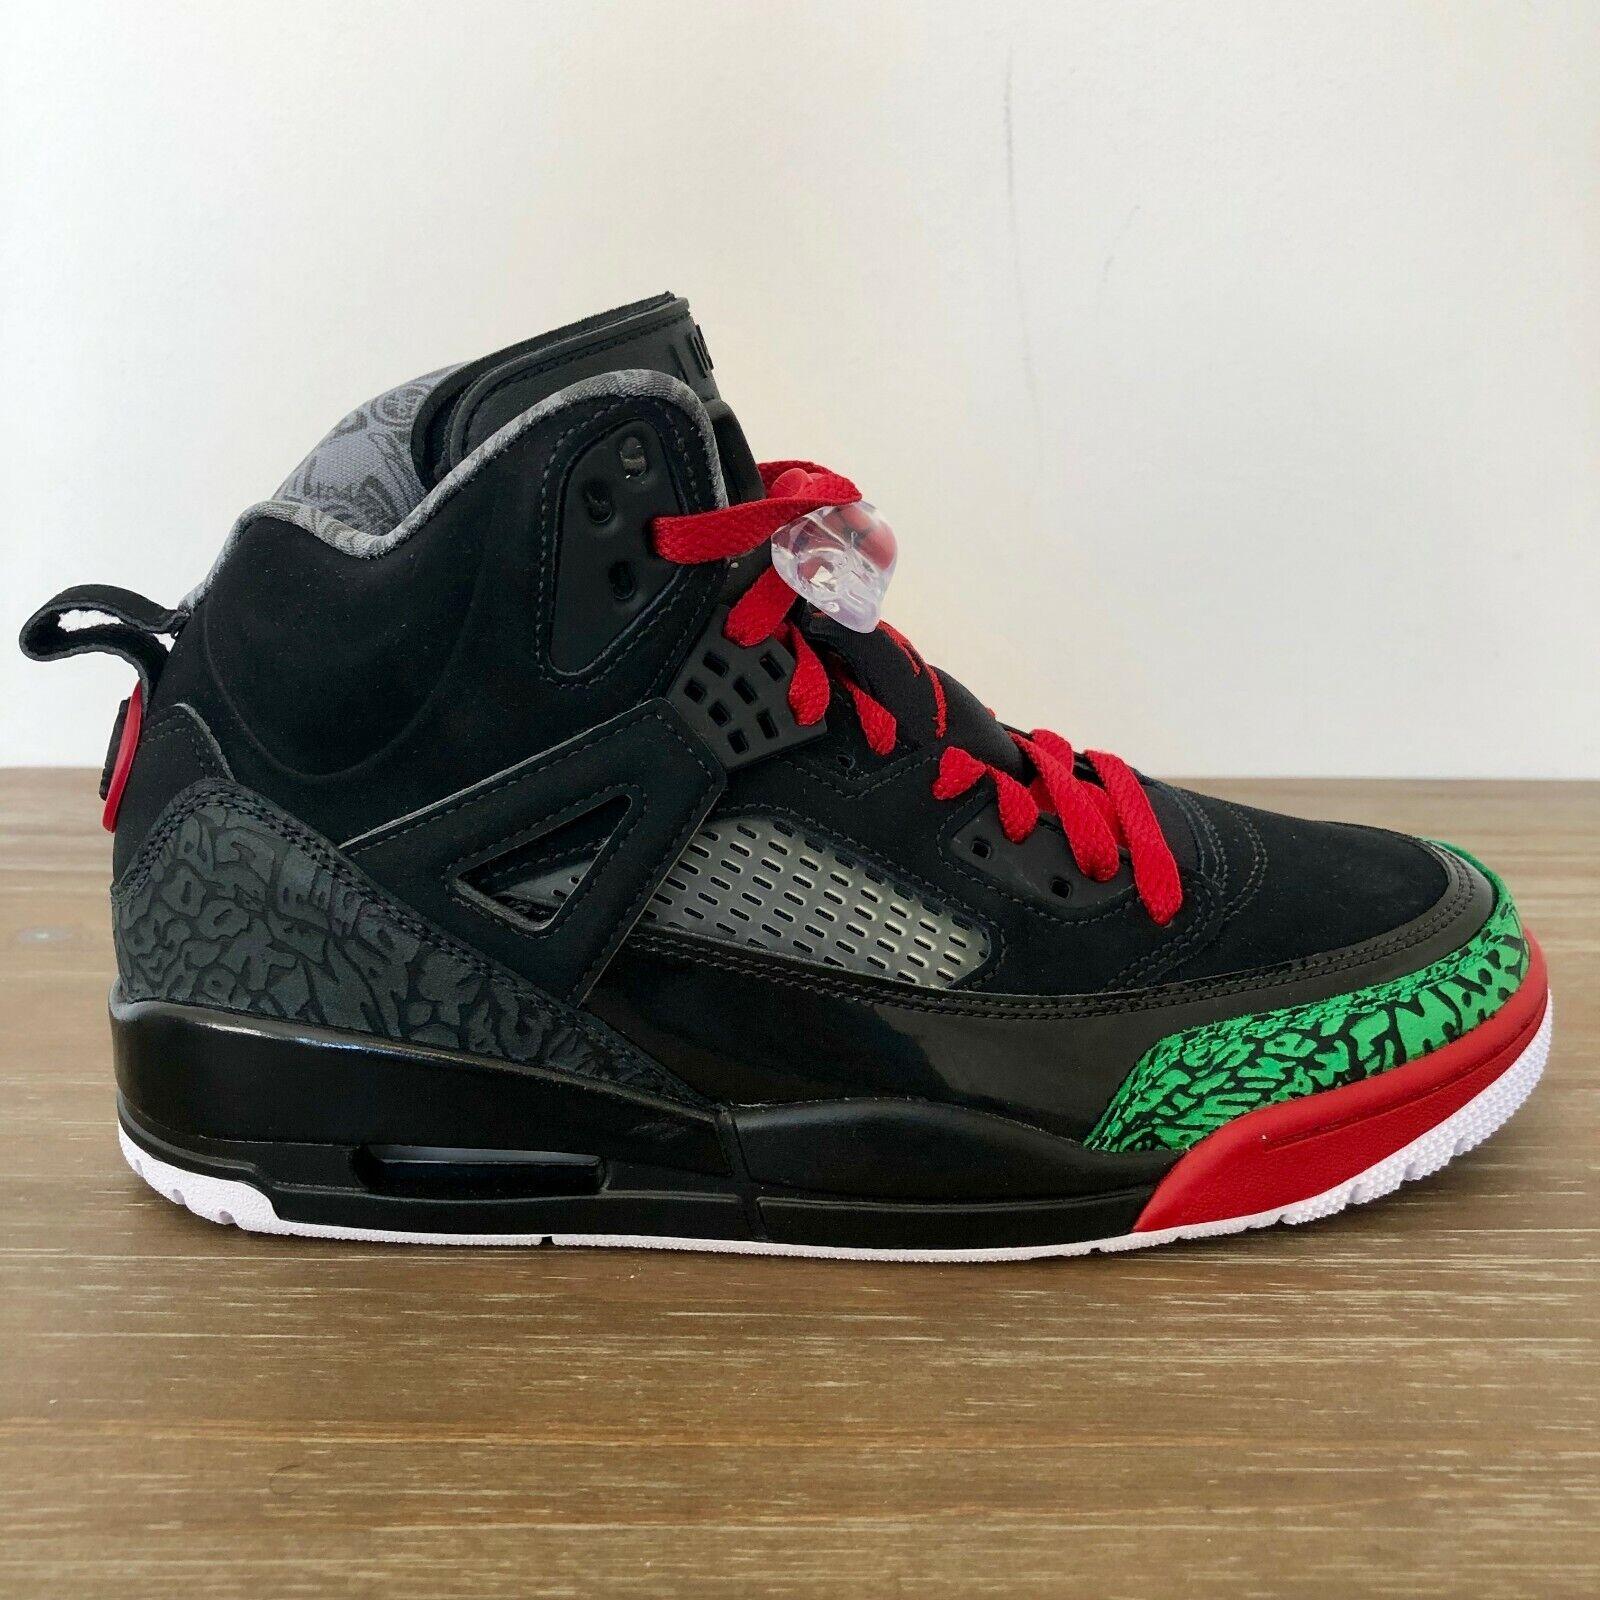 NIKE JORDAN  Spizike OG  Black Green Basketball Sneakers 315371 026 MEN'S SIZE 8